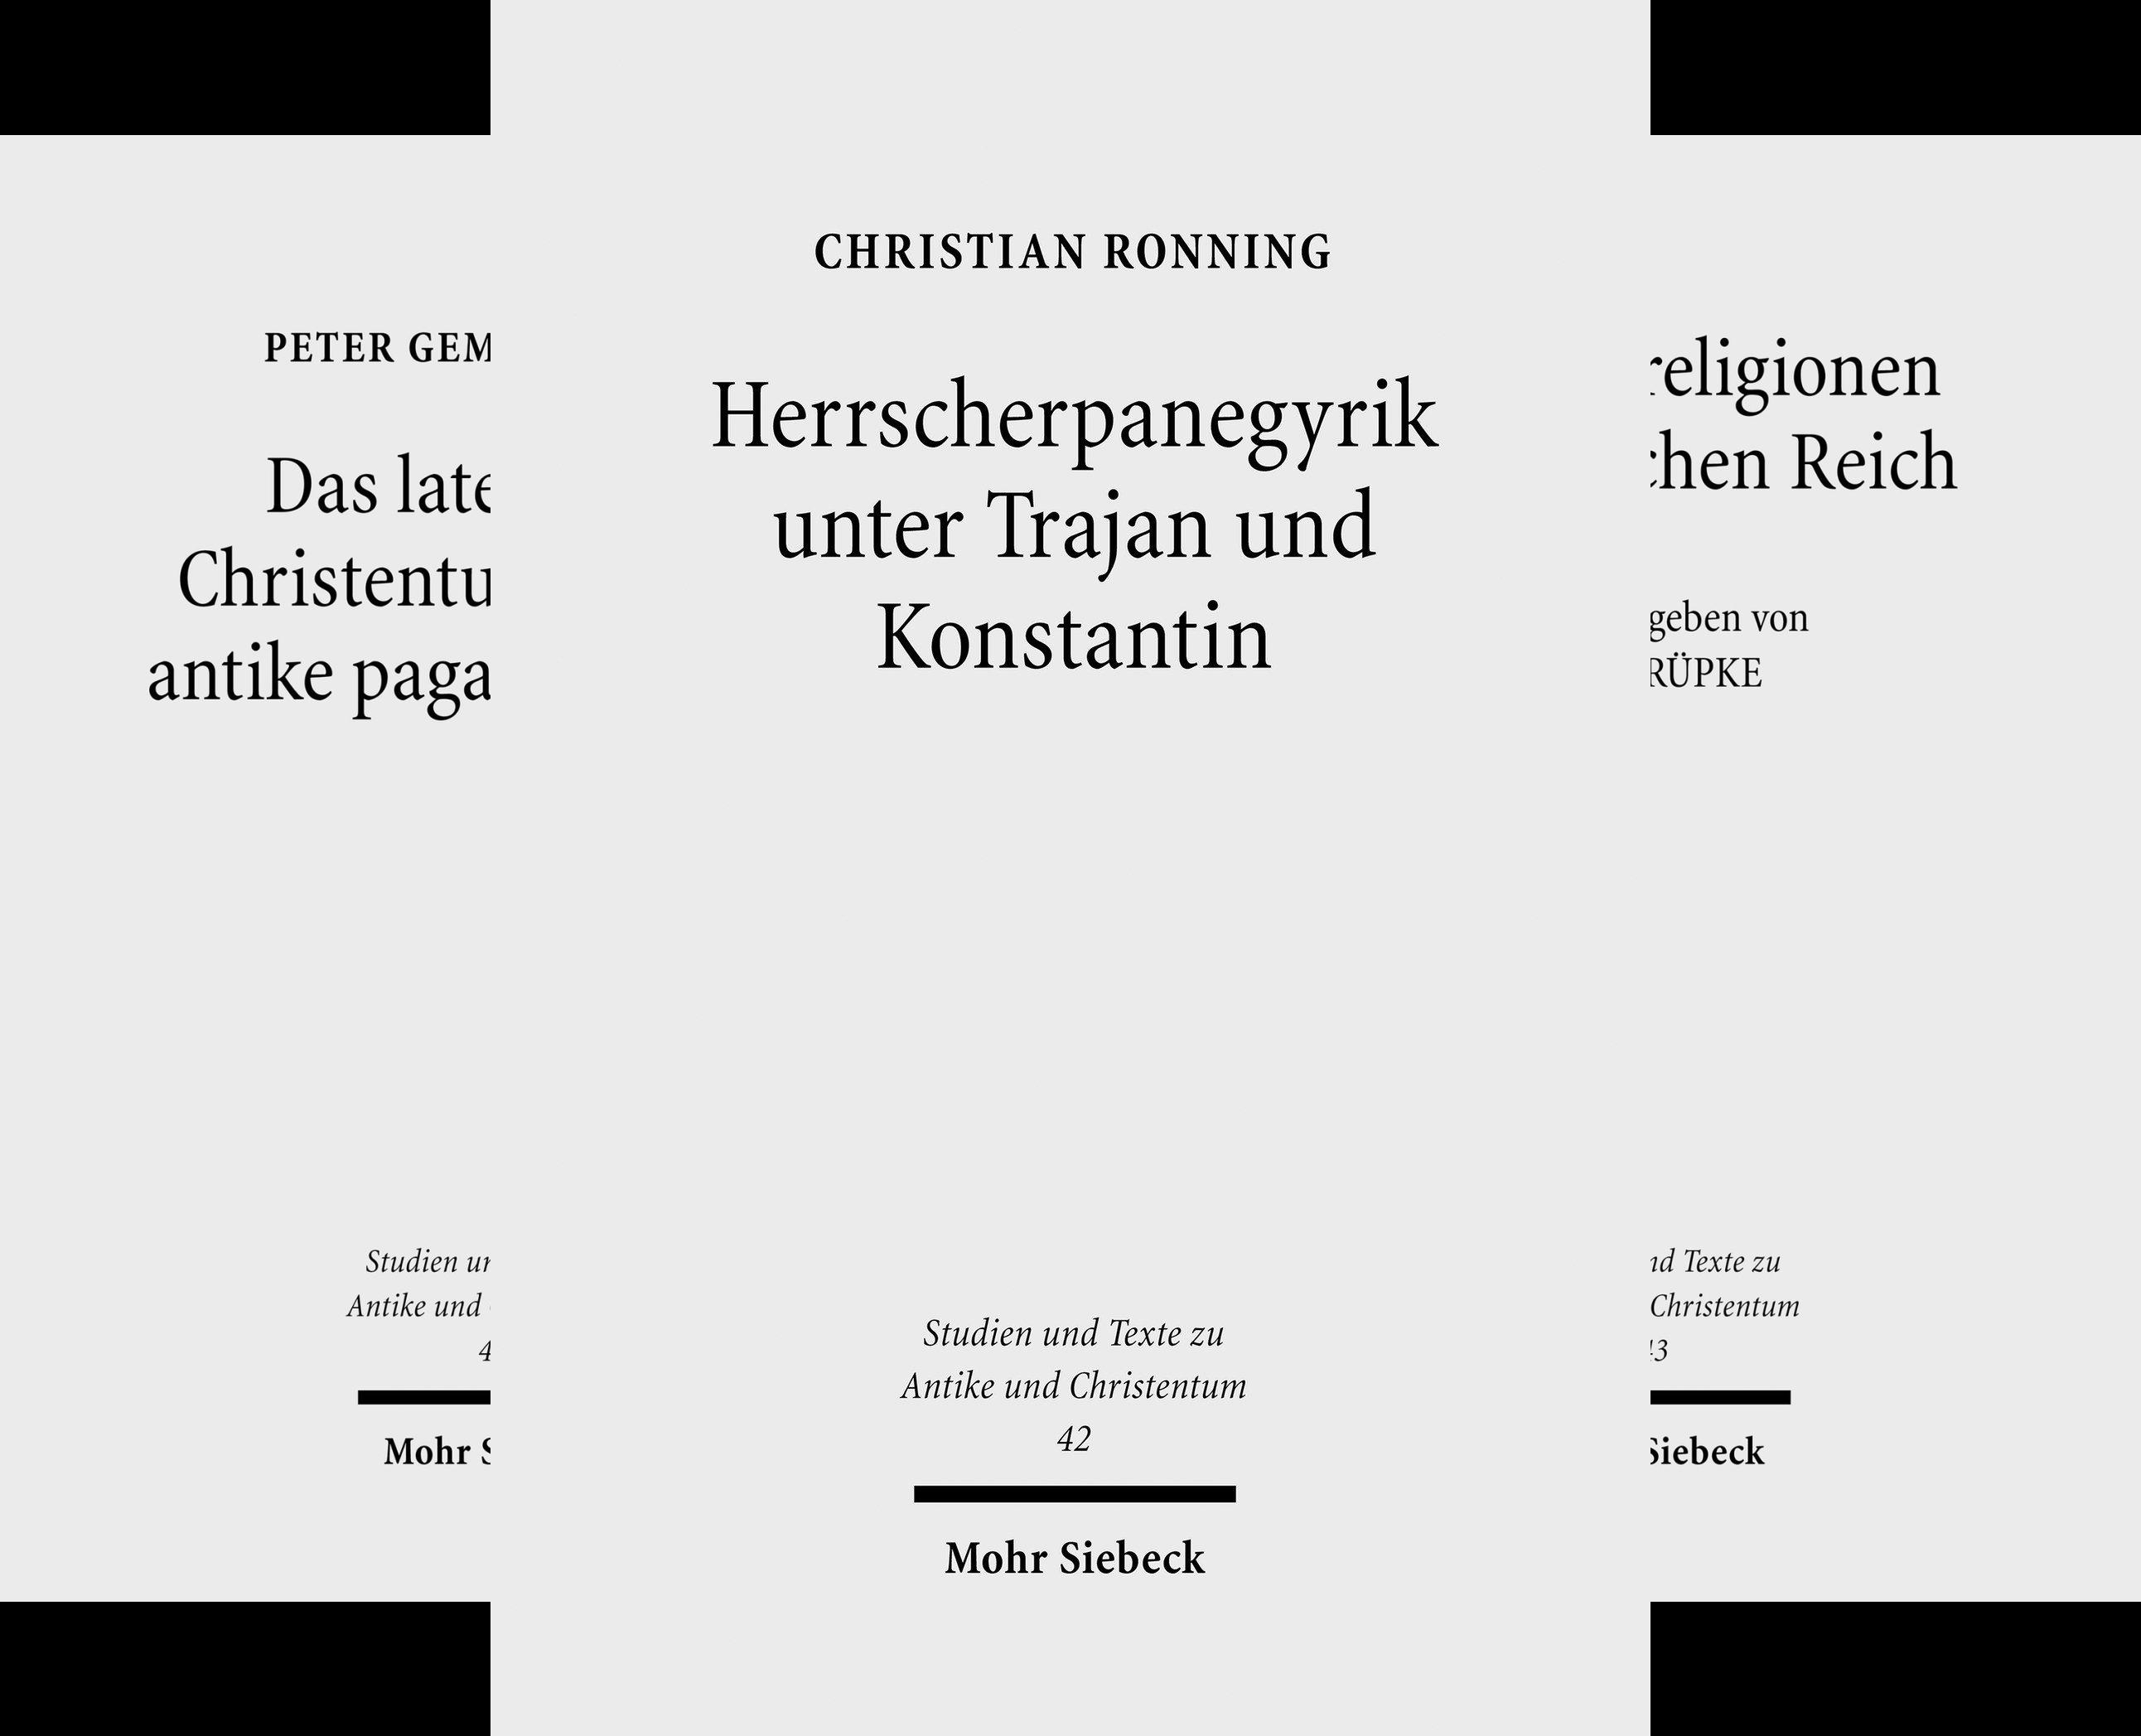 Studien und Texte zu Antike und Christentum /Studies and Texts in Antiquity and Christianity (Reihe in 50 Bänden)